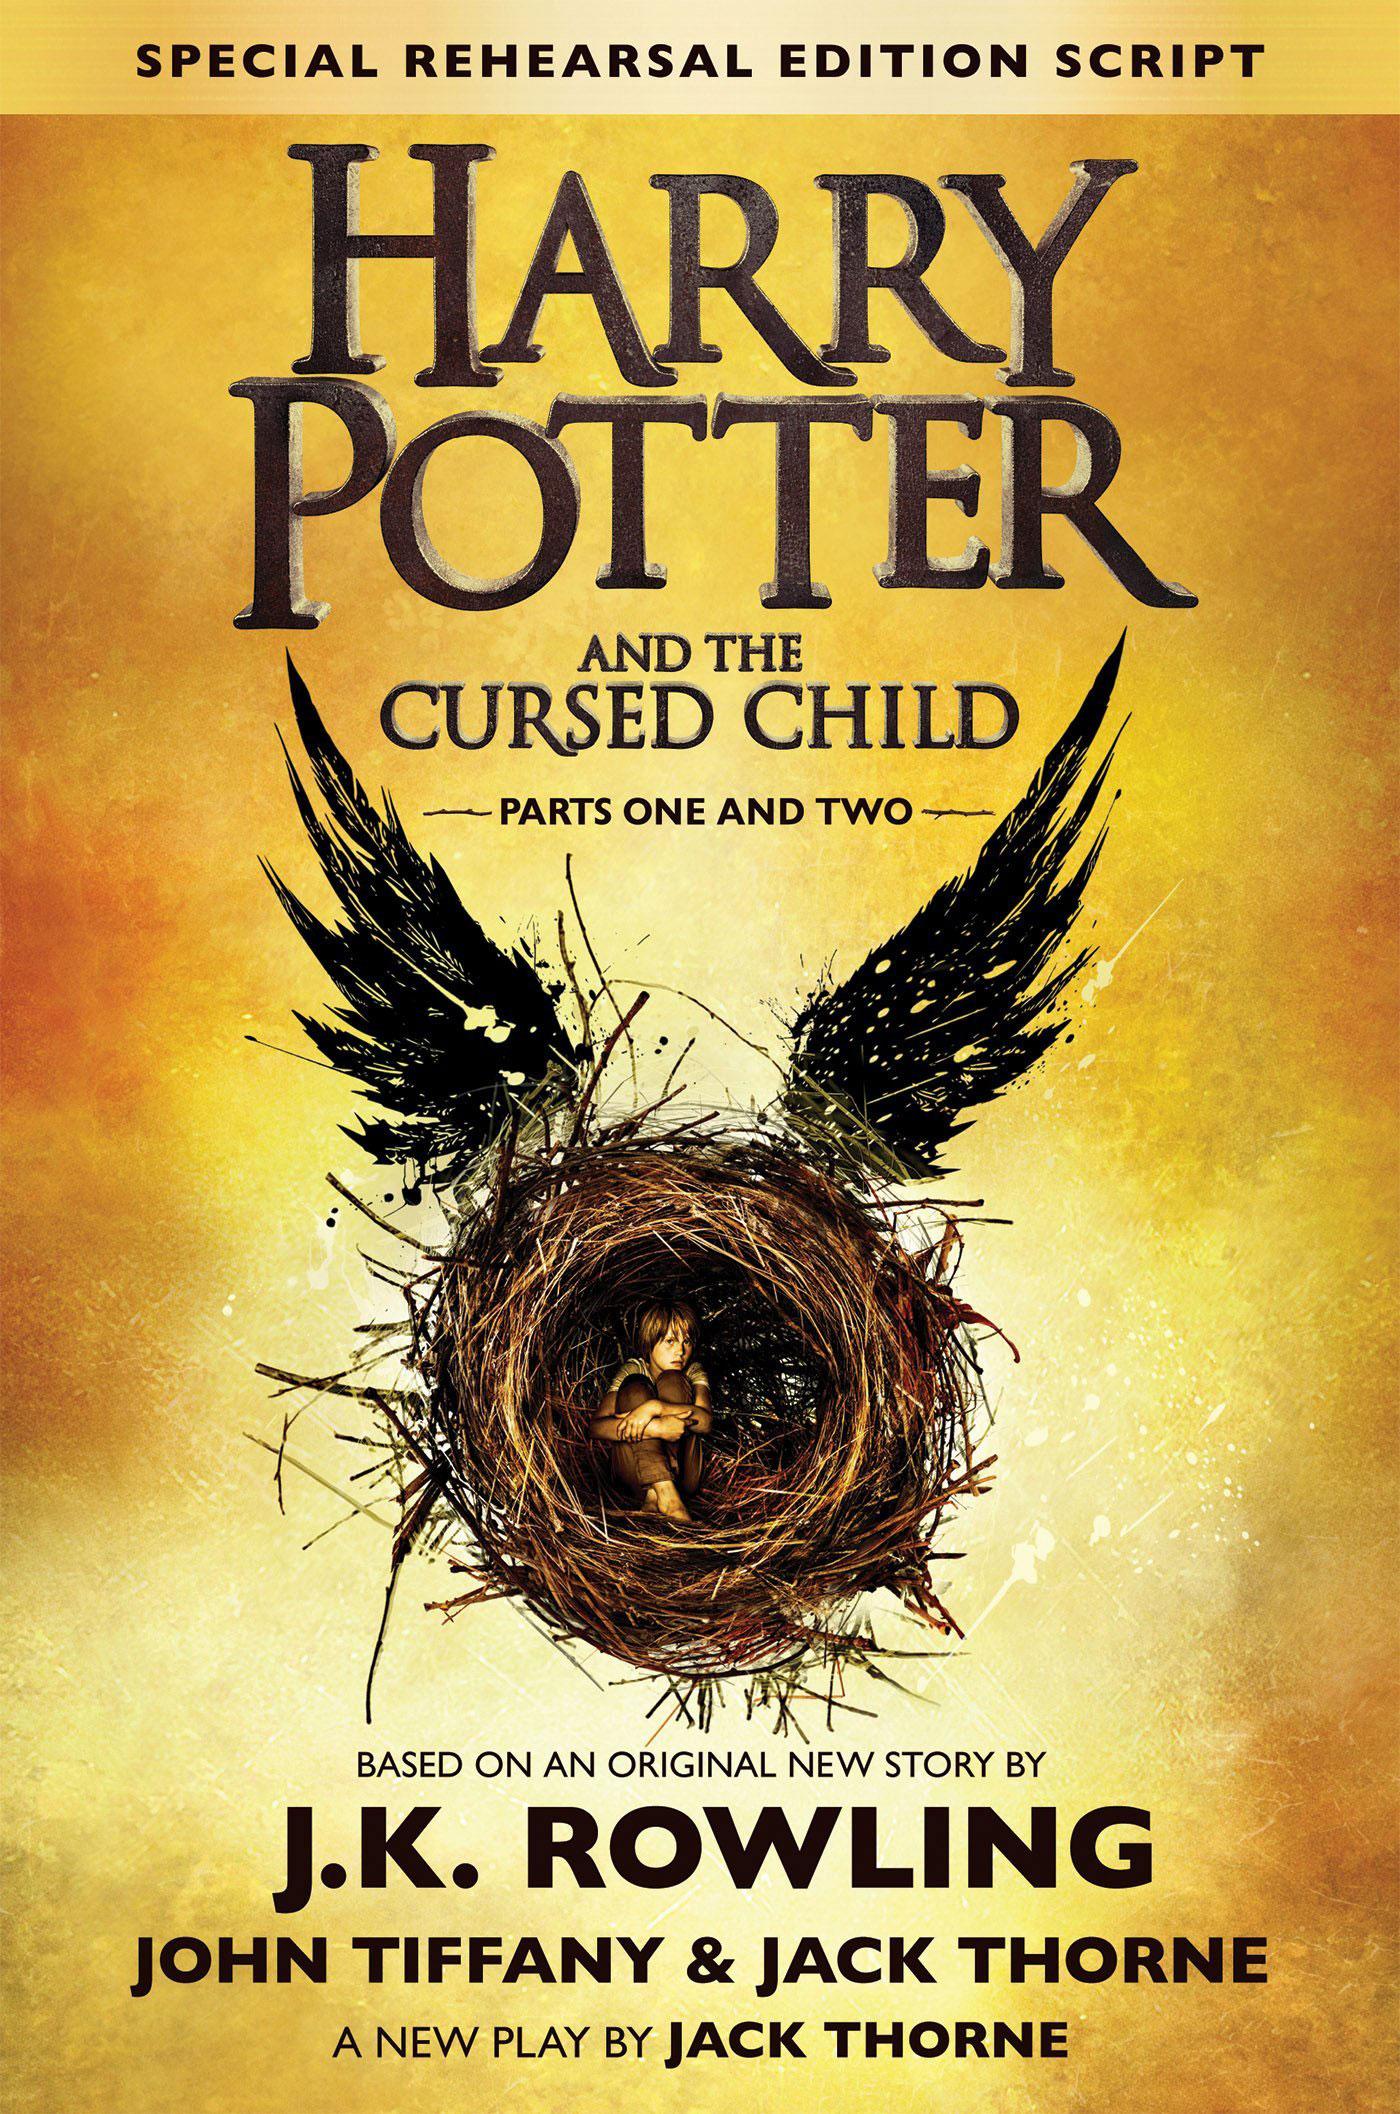 Harry Potter 1 Mobi Download